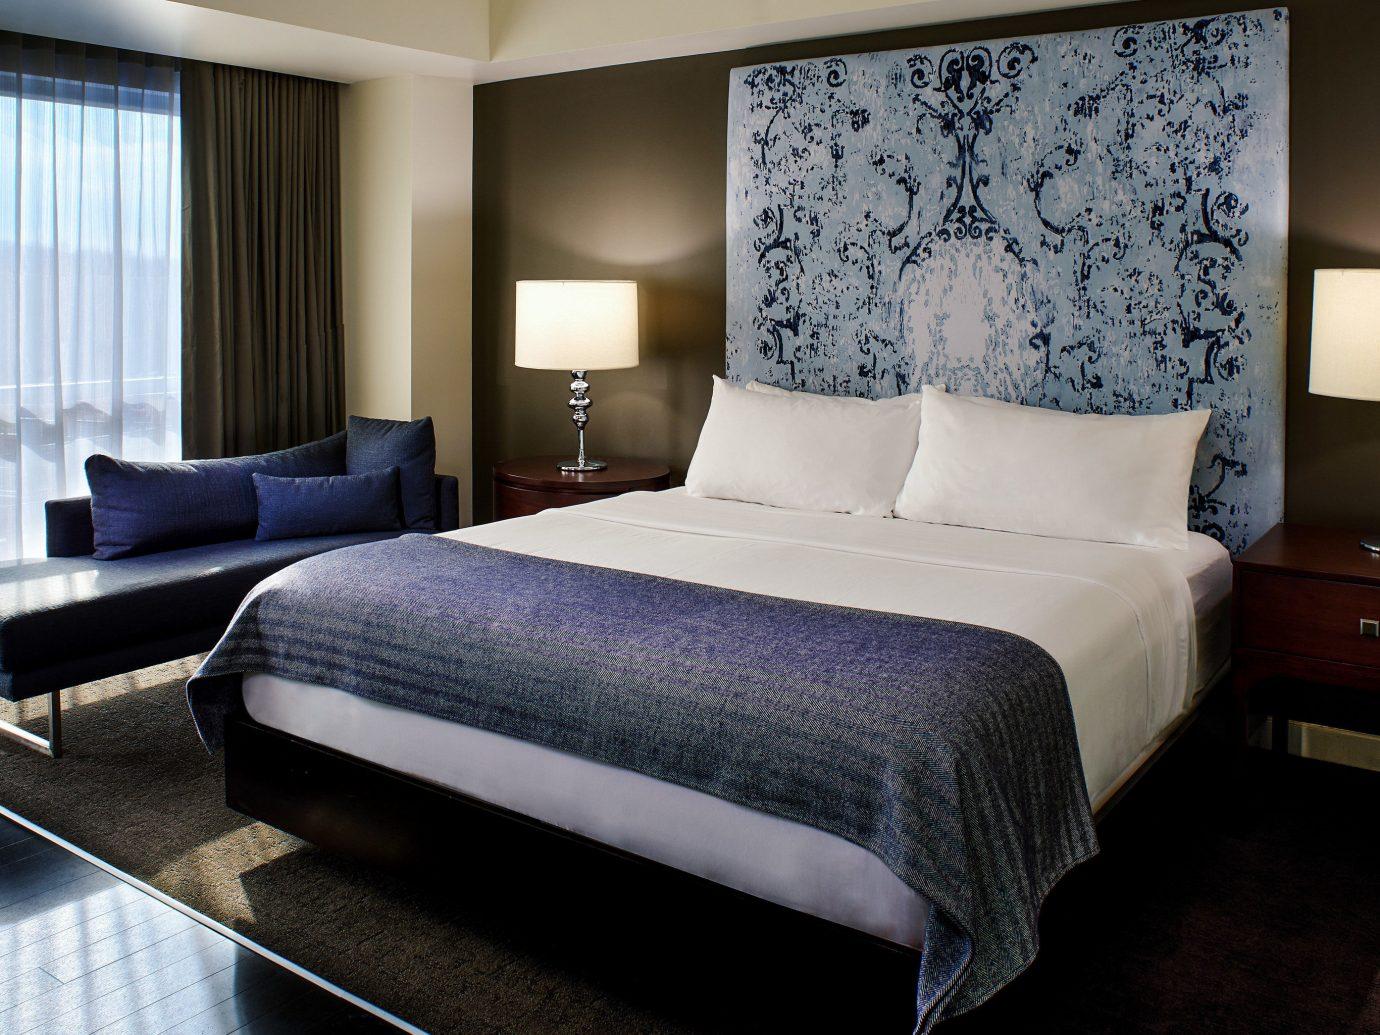 Budget Weekend Getaways bed indoor floor wall hotel Bedroom room window Suite interior design bed sheet night